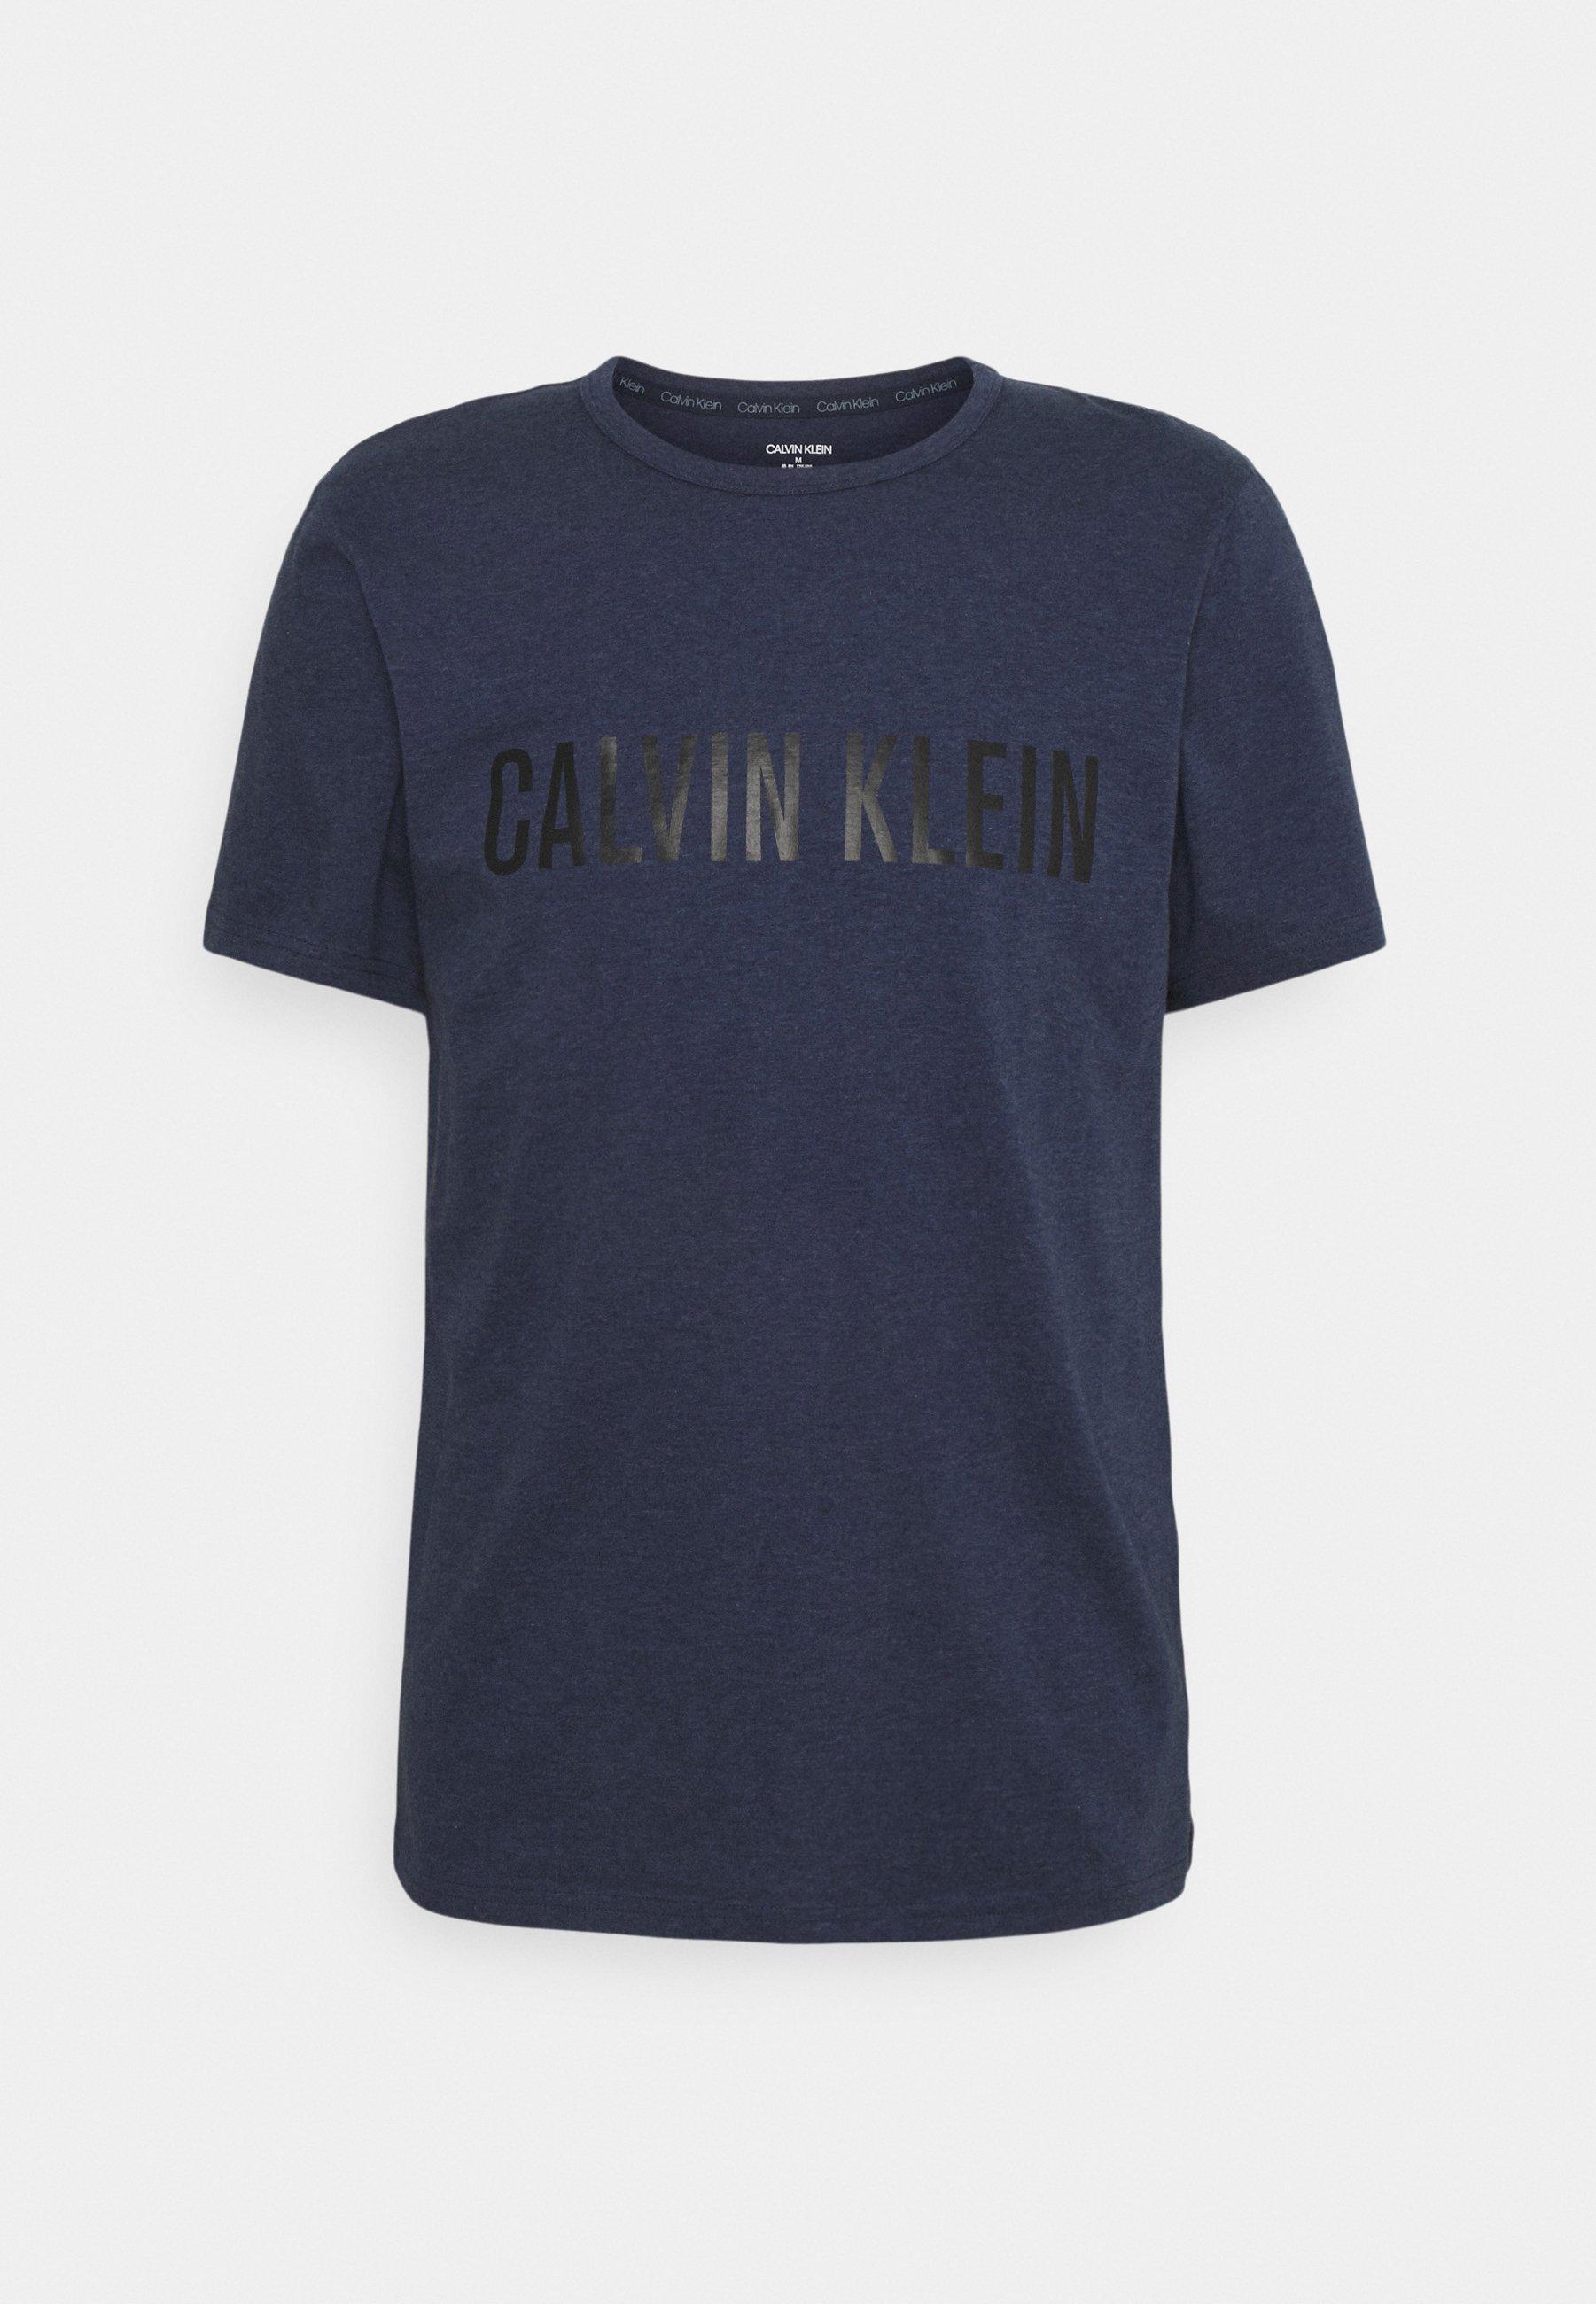 Herren INTENSE POWER LOUNGE CREW NECK - Nachtwäsche Shirt